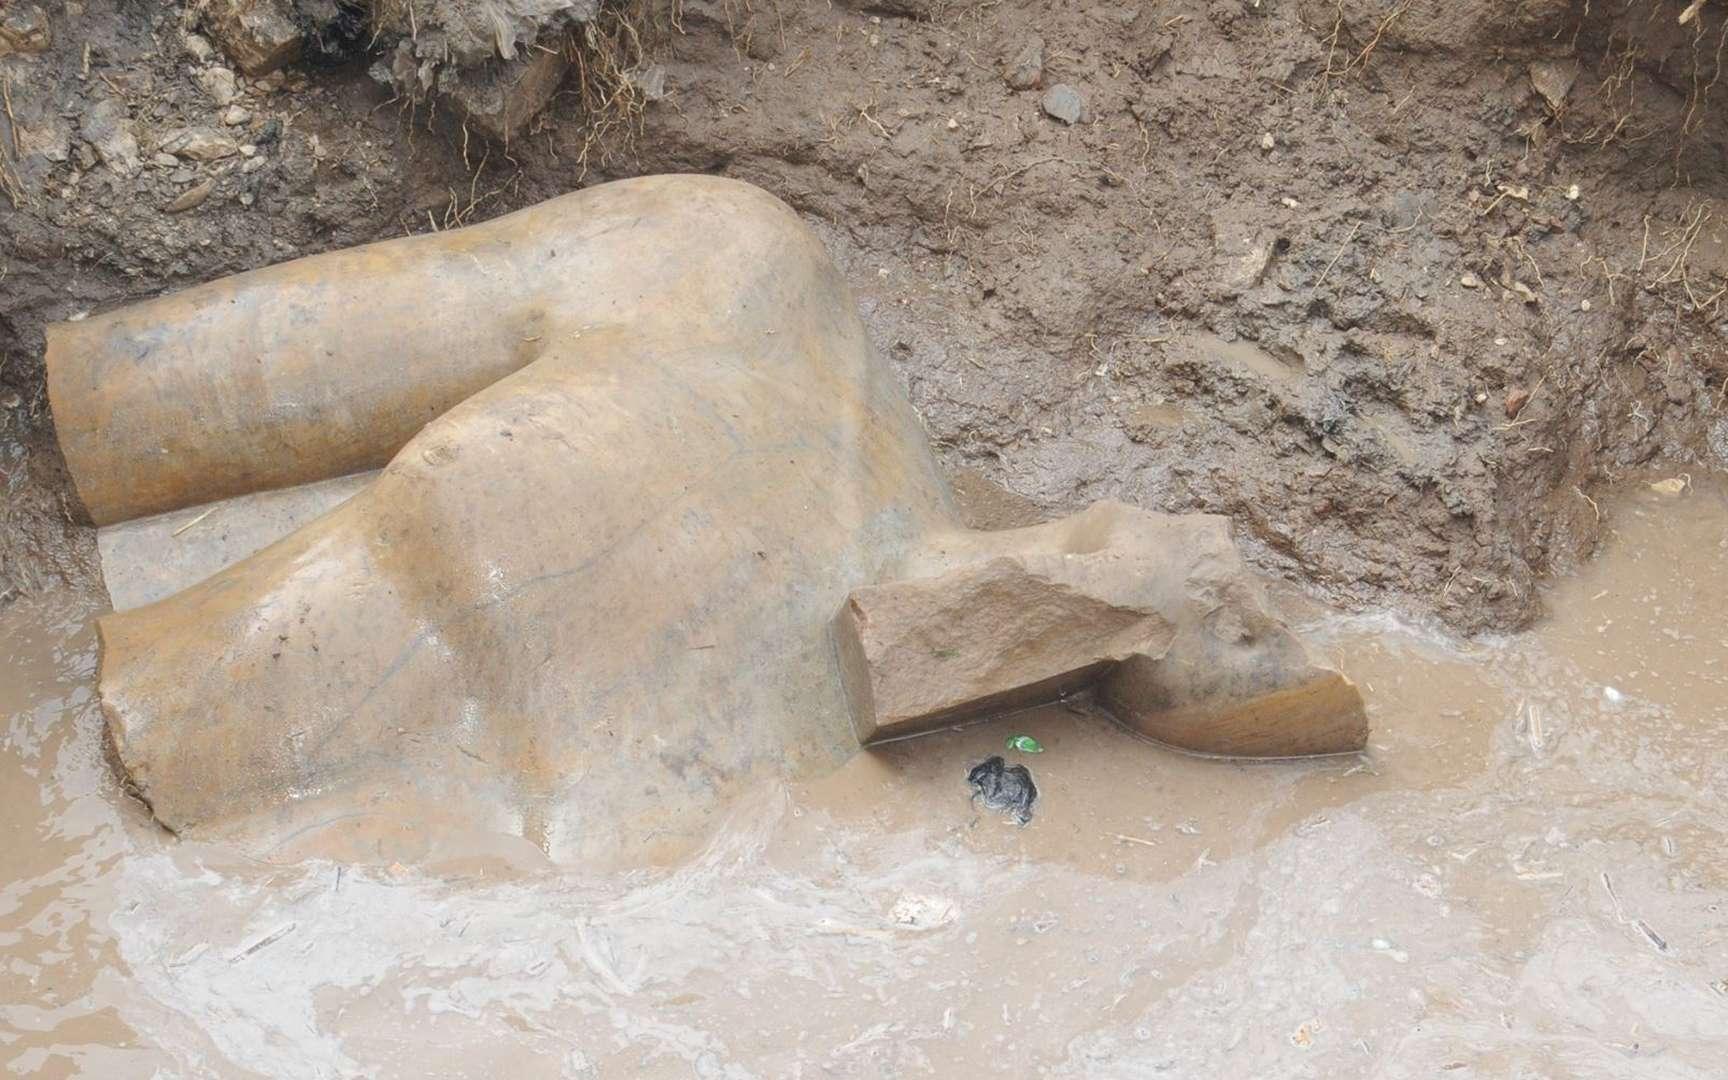 Près du Caire, sur le site de l'antique cité Héliopolis, une statue apparaît dans la boue : est-ce Ramssès II ? © Ministère égyptien des antiquités et Dietrich Raue